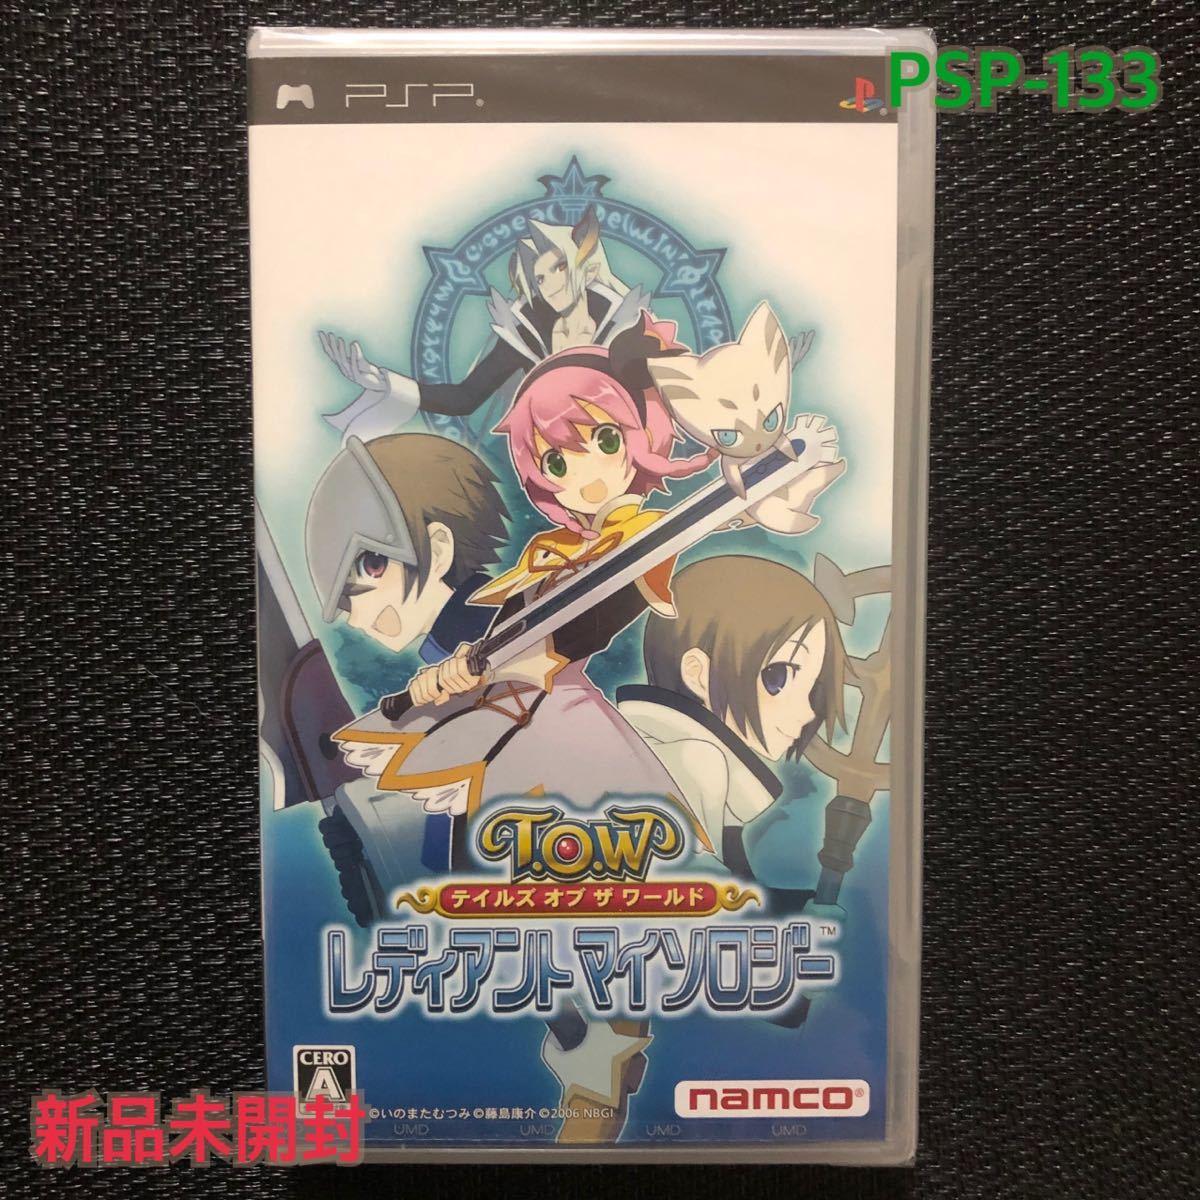 PSP -133 新品未開封 テイルズ オブ ザ ワールド レディアントマイソロジー